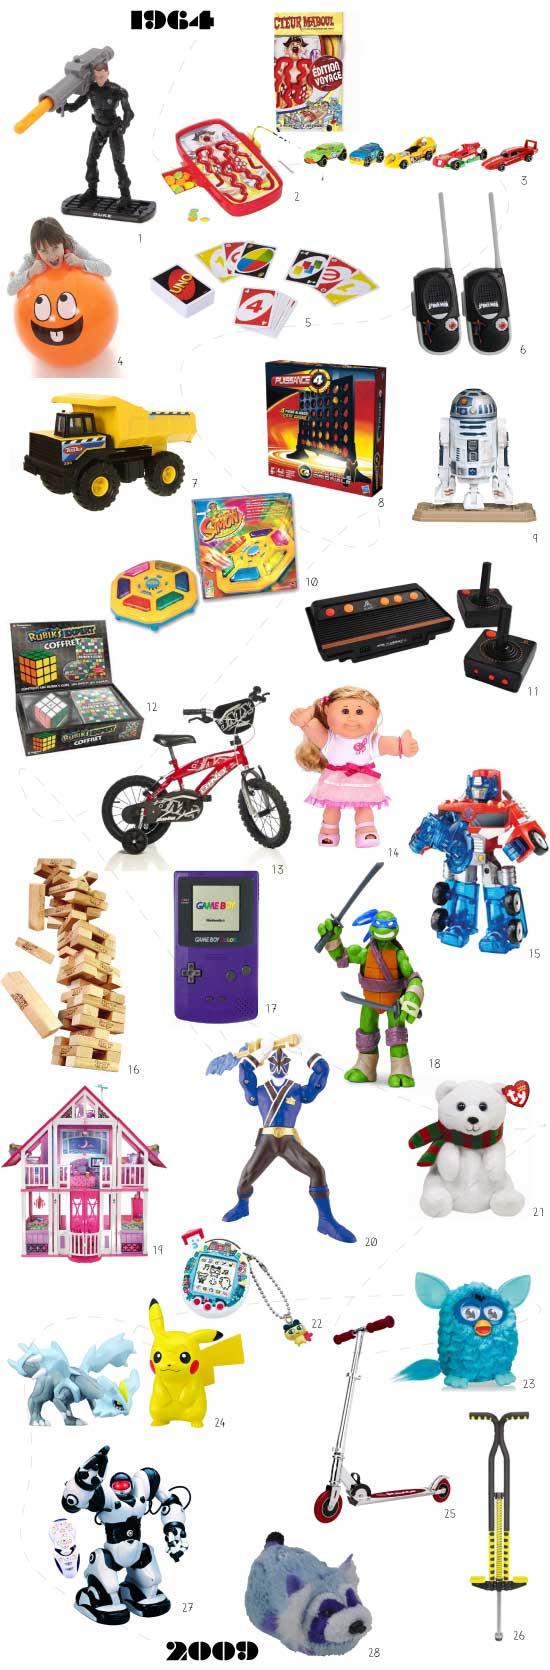 28 jouets de notre enfance